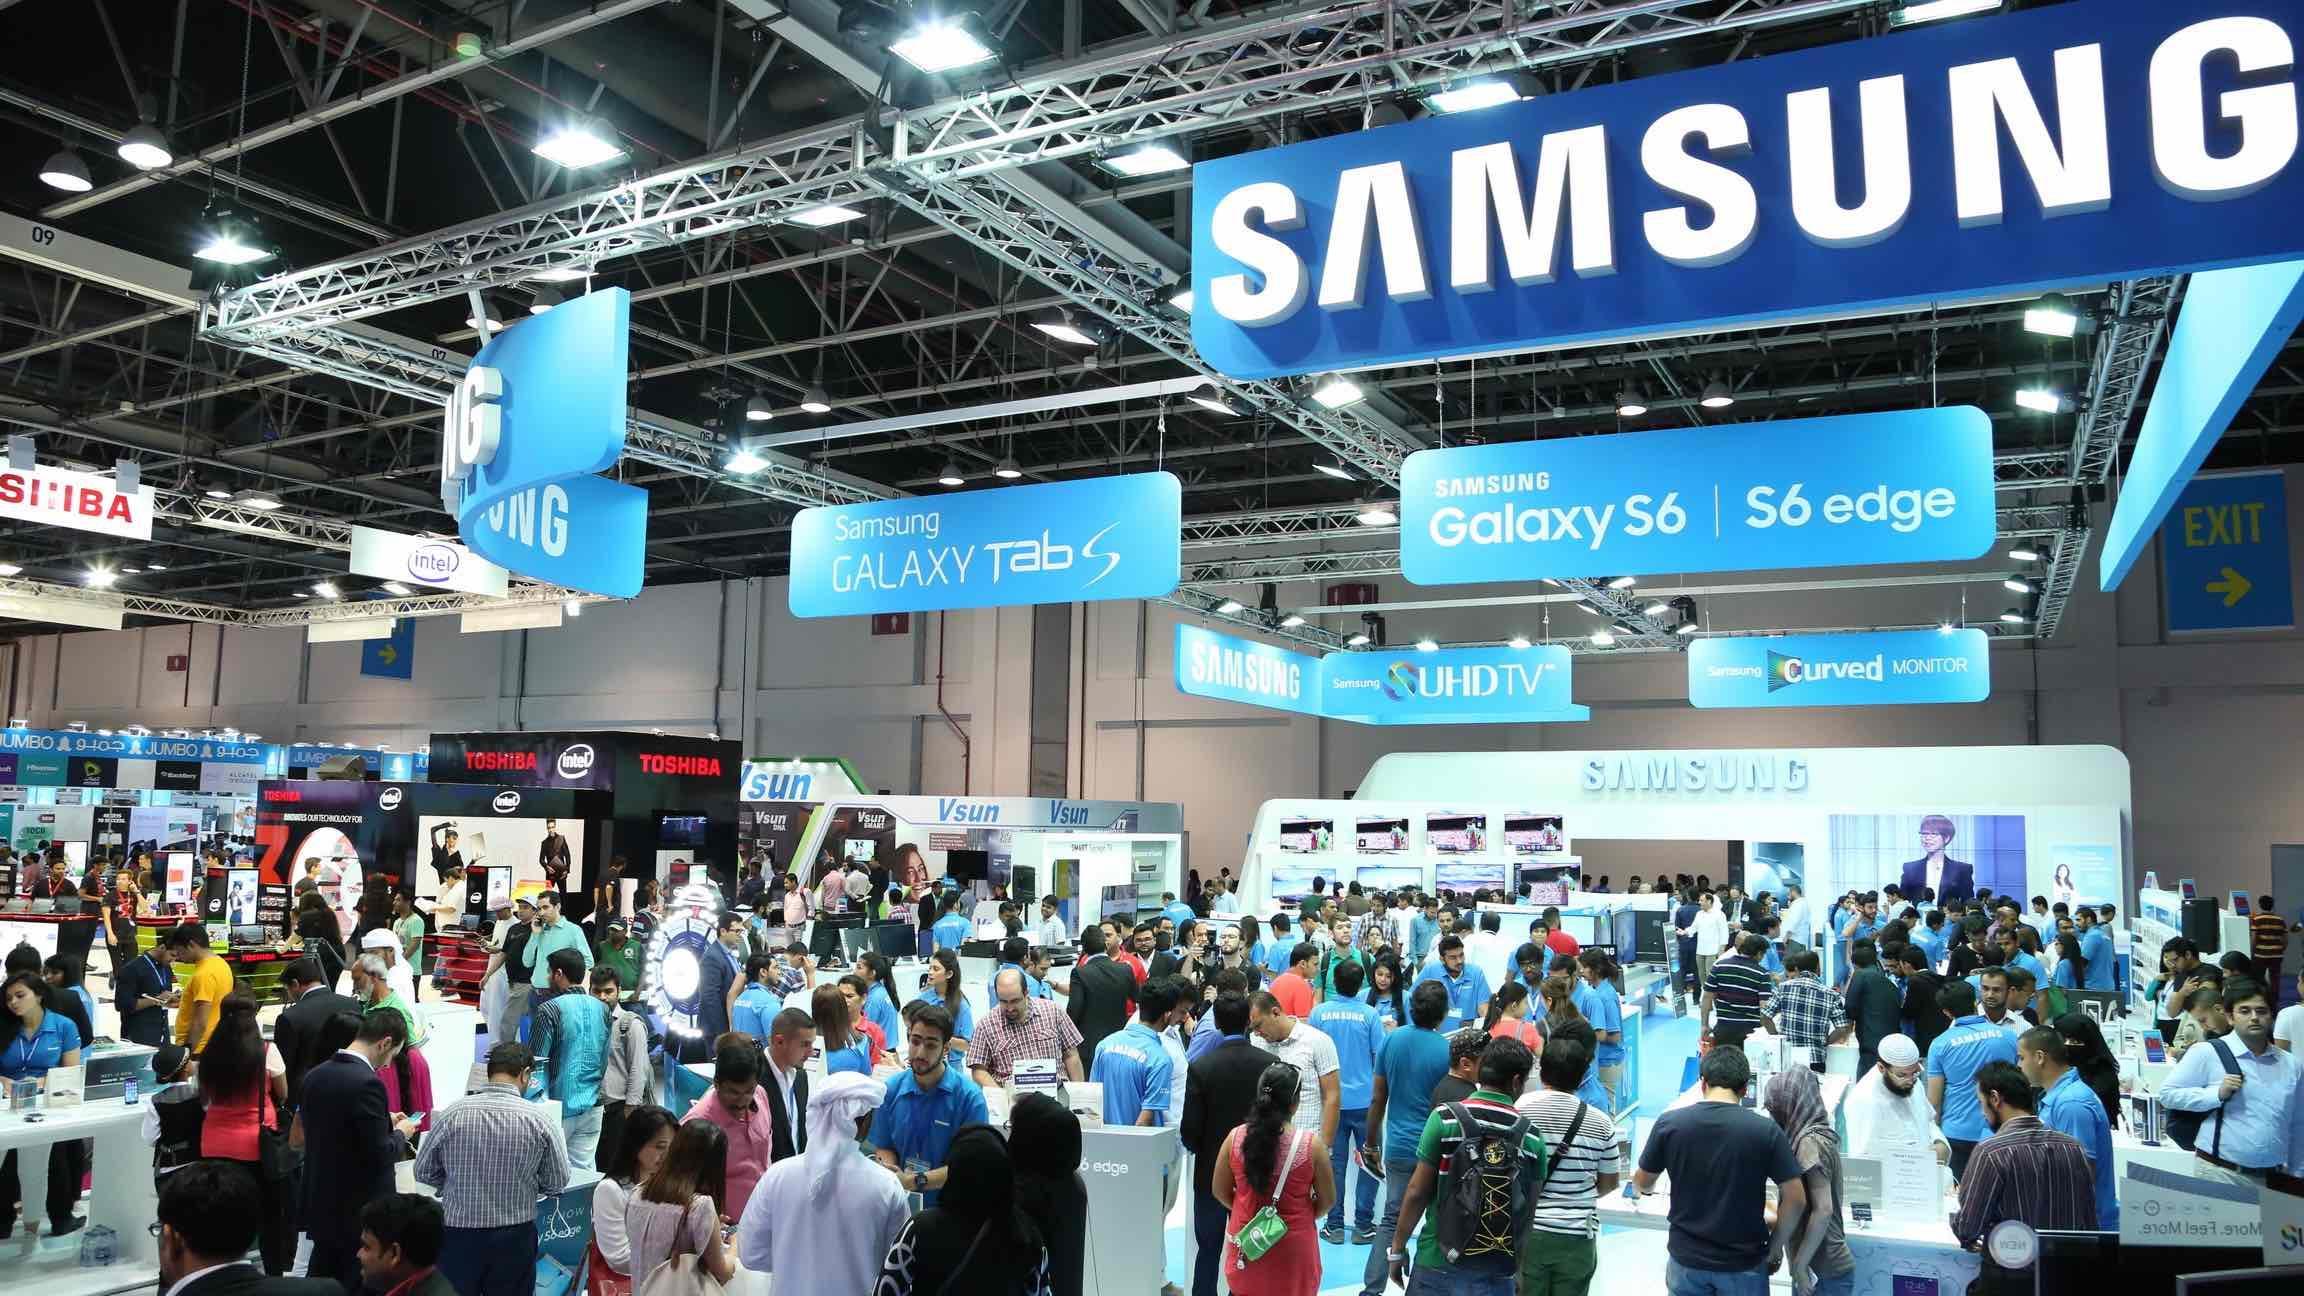 جیتکس بزرگترین نمایشگاه تکنولوژی در دبی